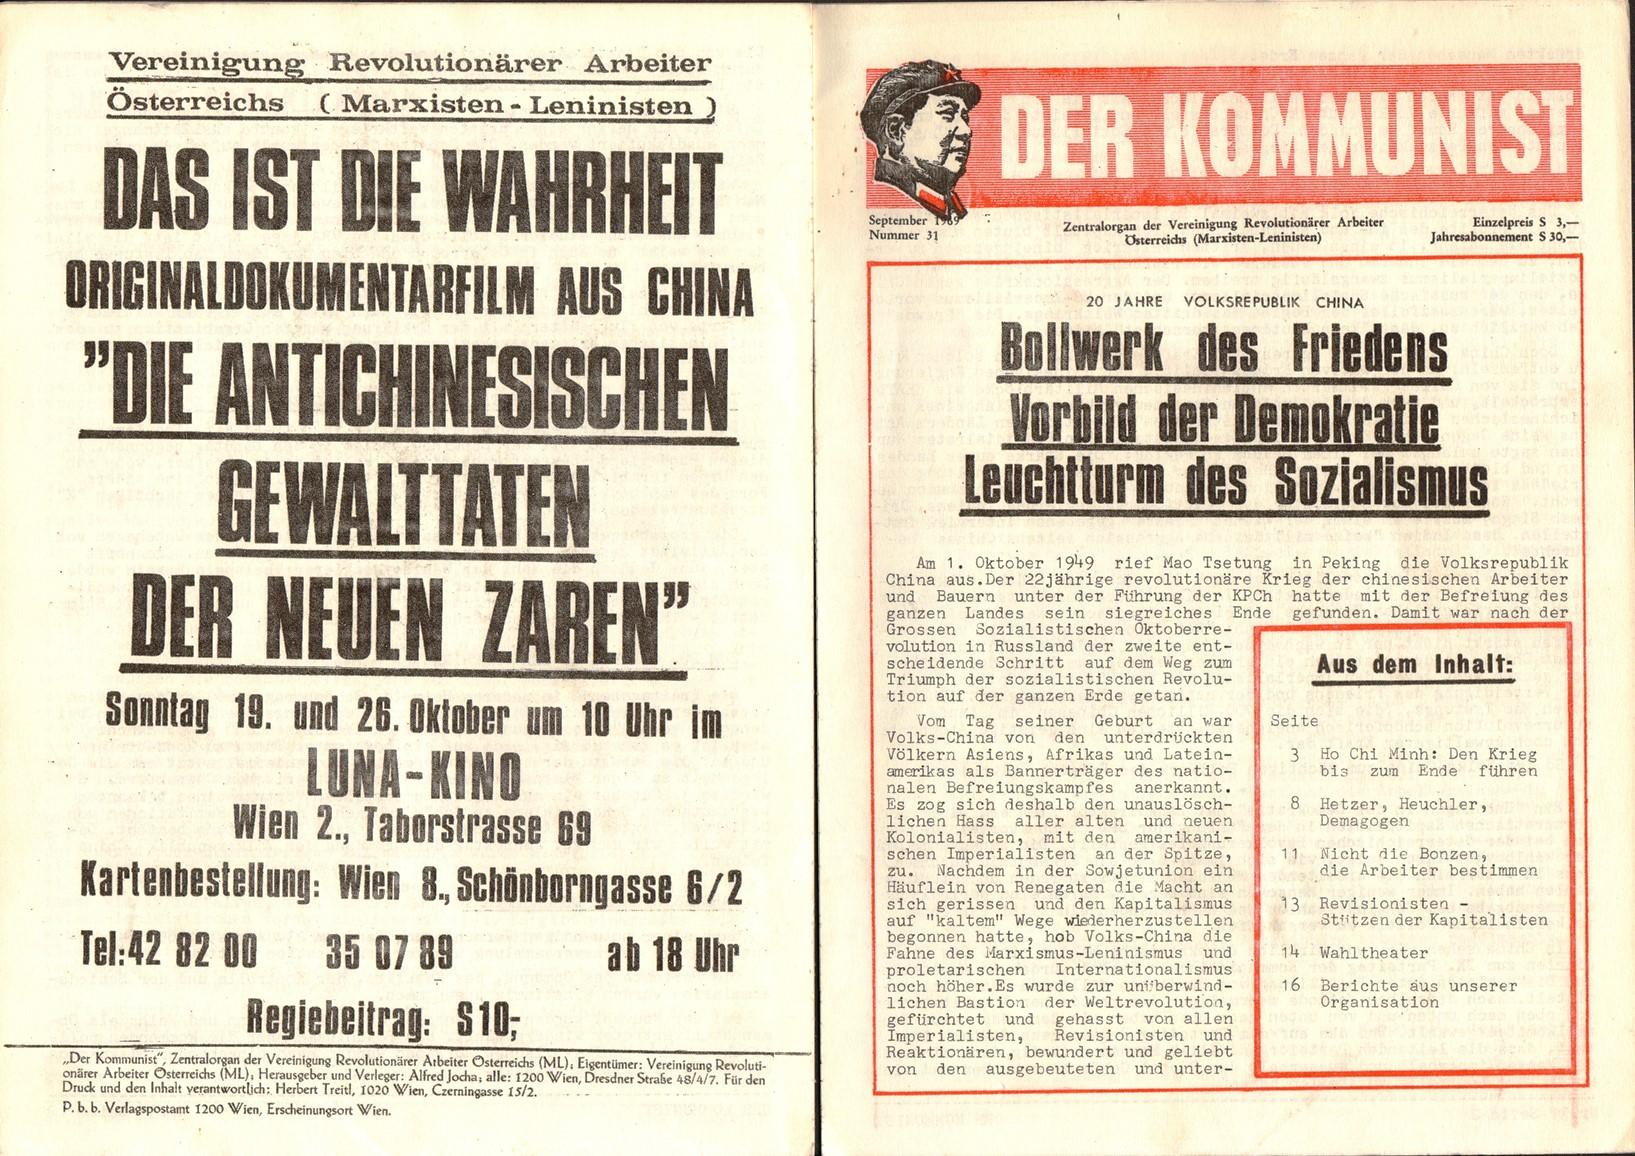 VRA_Der_Kommunist_19690900_01